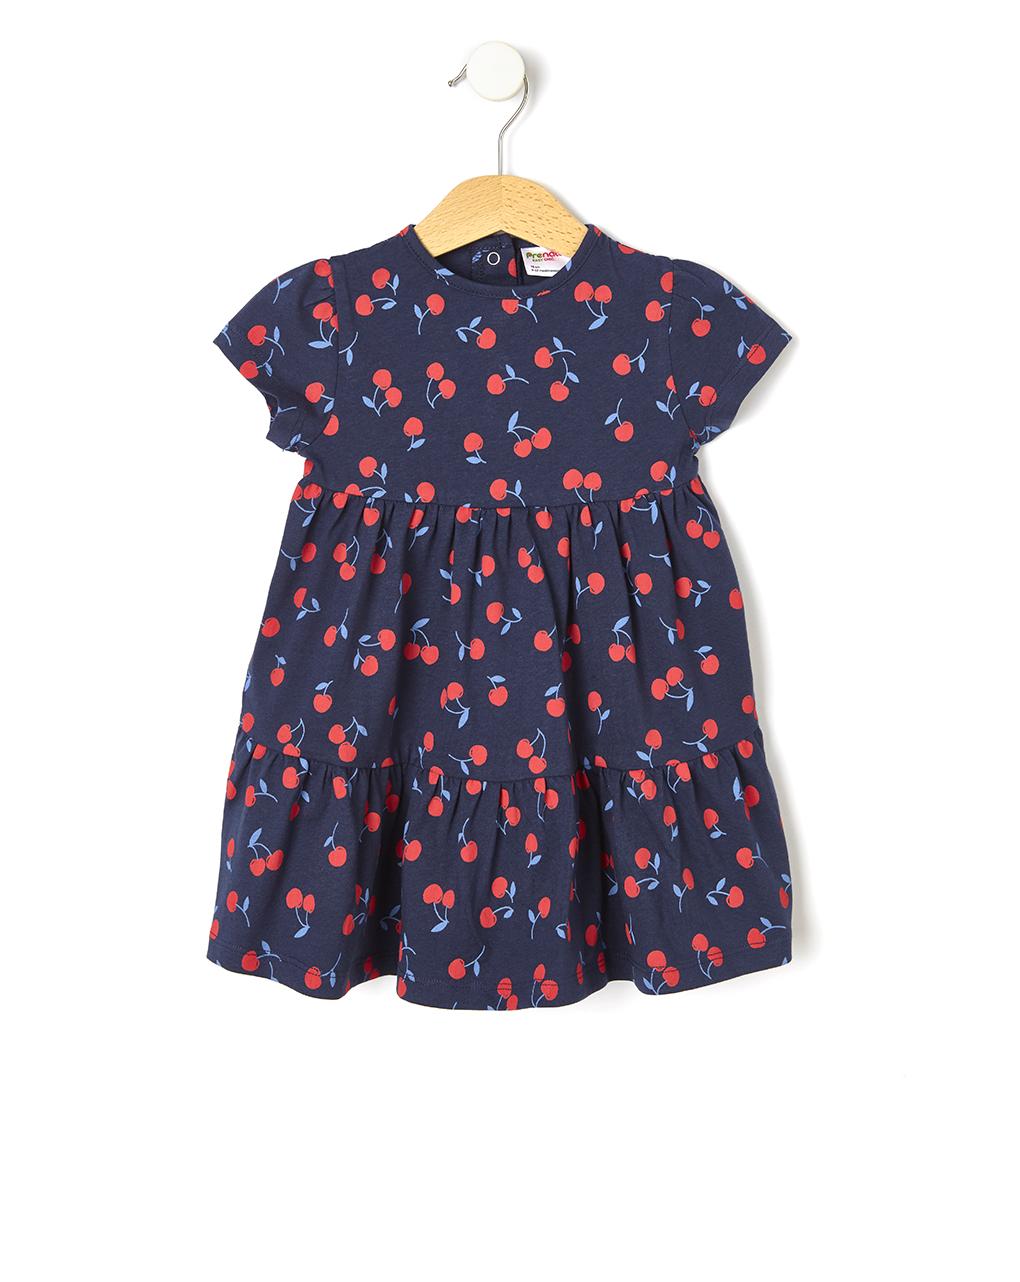 Vestido estampado cereja - Prénatal